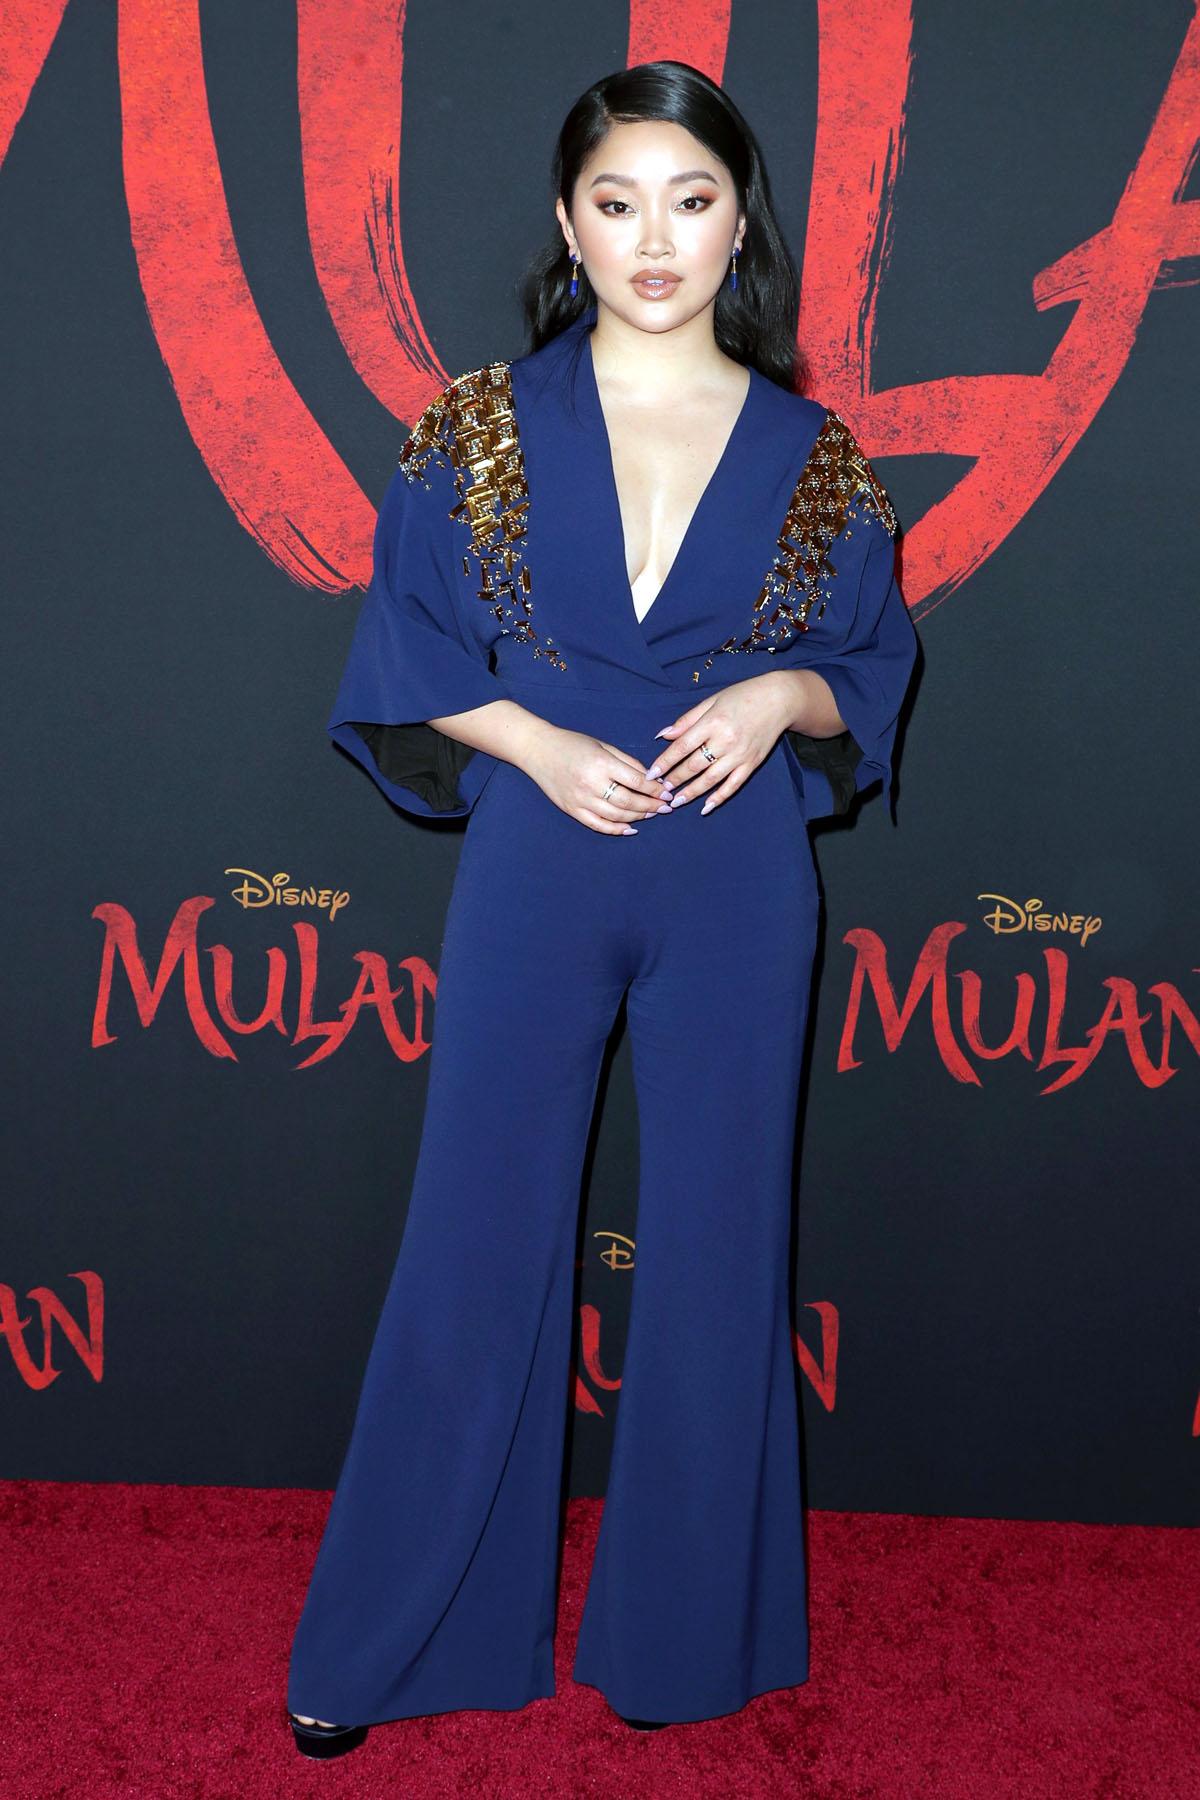 Tại sự kiện công chiếu phim Mulan ngày 3/9, trang Popsugar nhận xét Lana Condor như nữ chiến binh khi diện jumpsuit Antonio Berardi đính hạt vàng, tay áo kimono cách điệu. Diễn viên tạo kiểu tóc uốn xoăn nhẹ, phối trang sức kim cương Lark and Berry. Ảnh: Shutterstock.